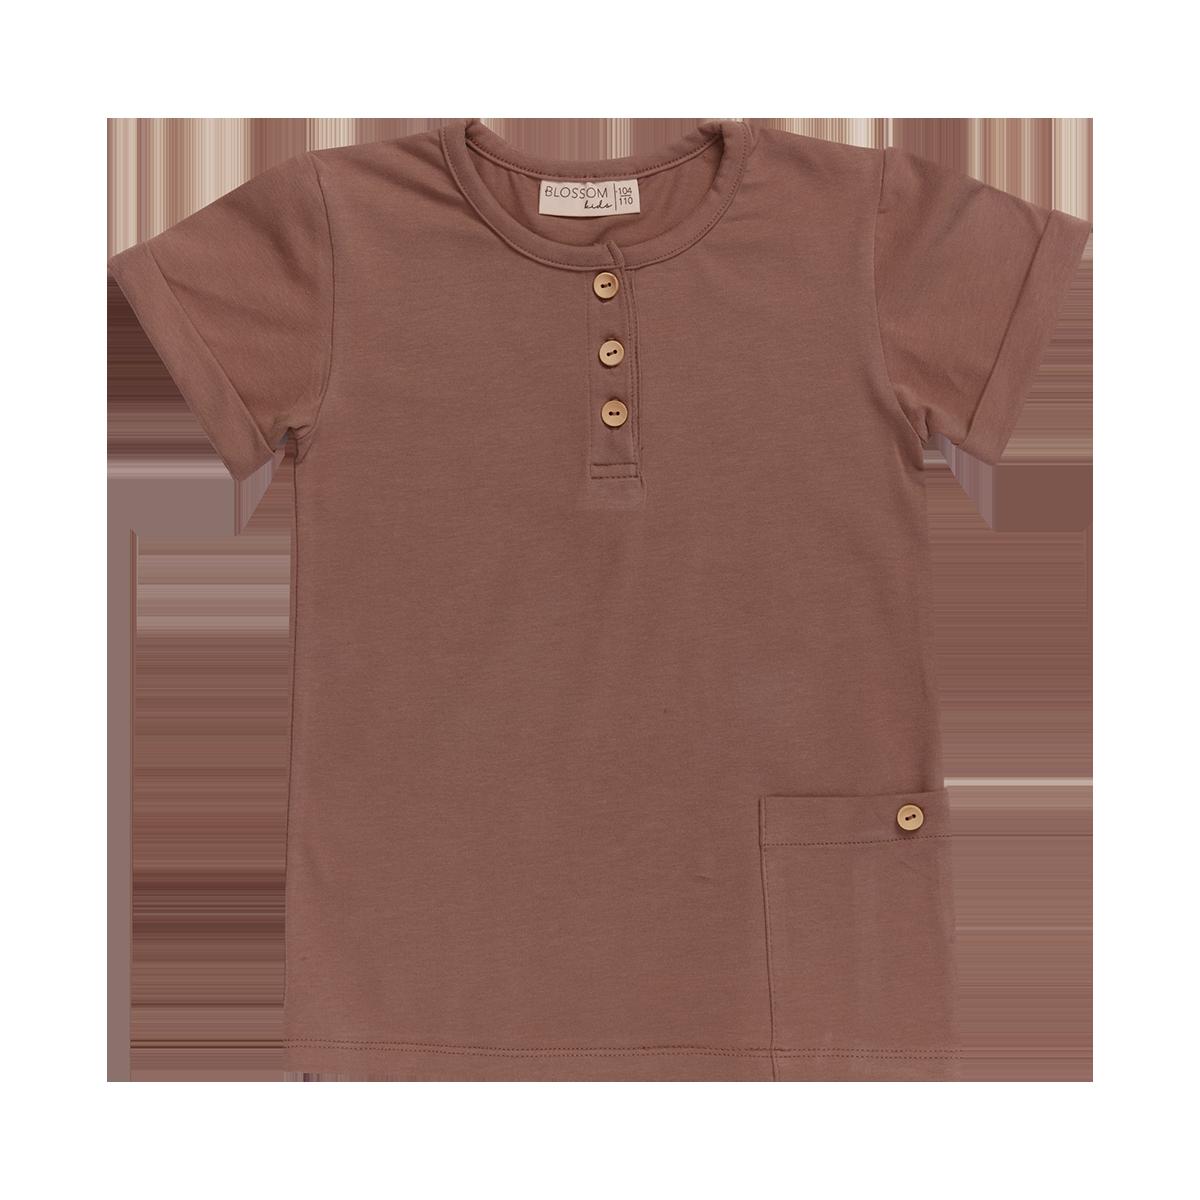 Blossom kids Shirt short sleeve - Cacao